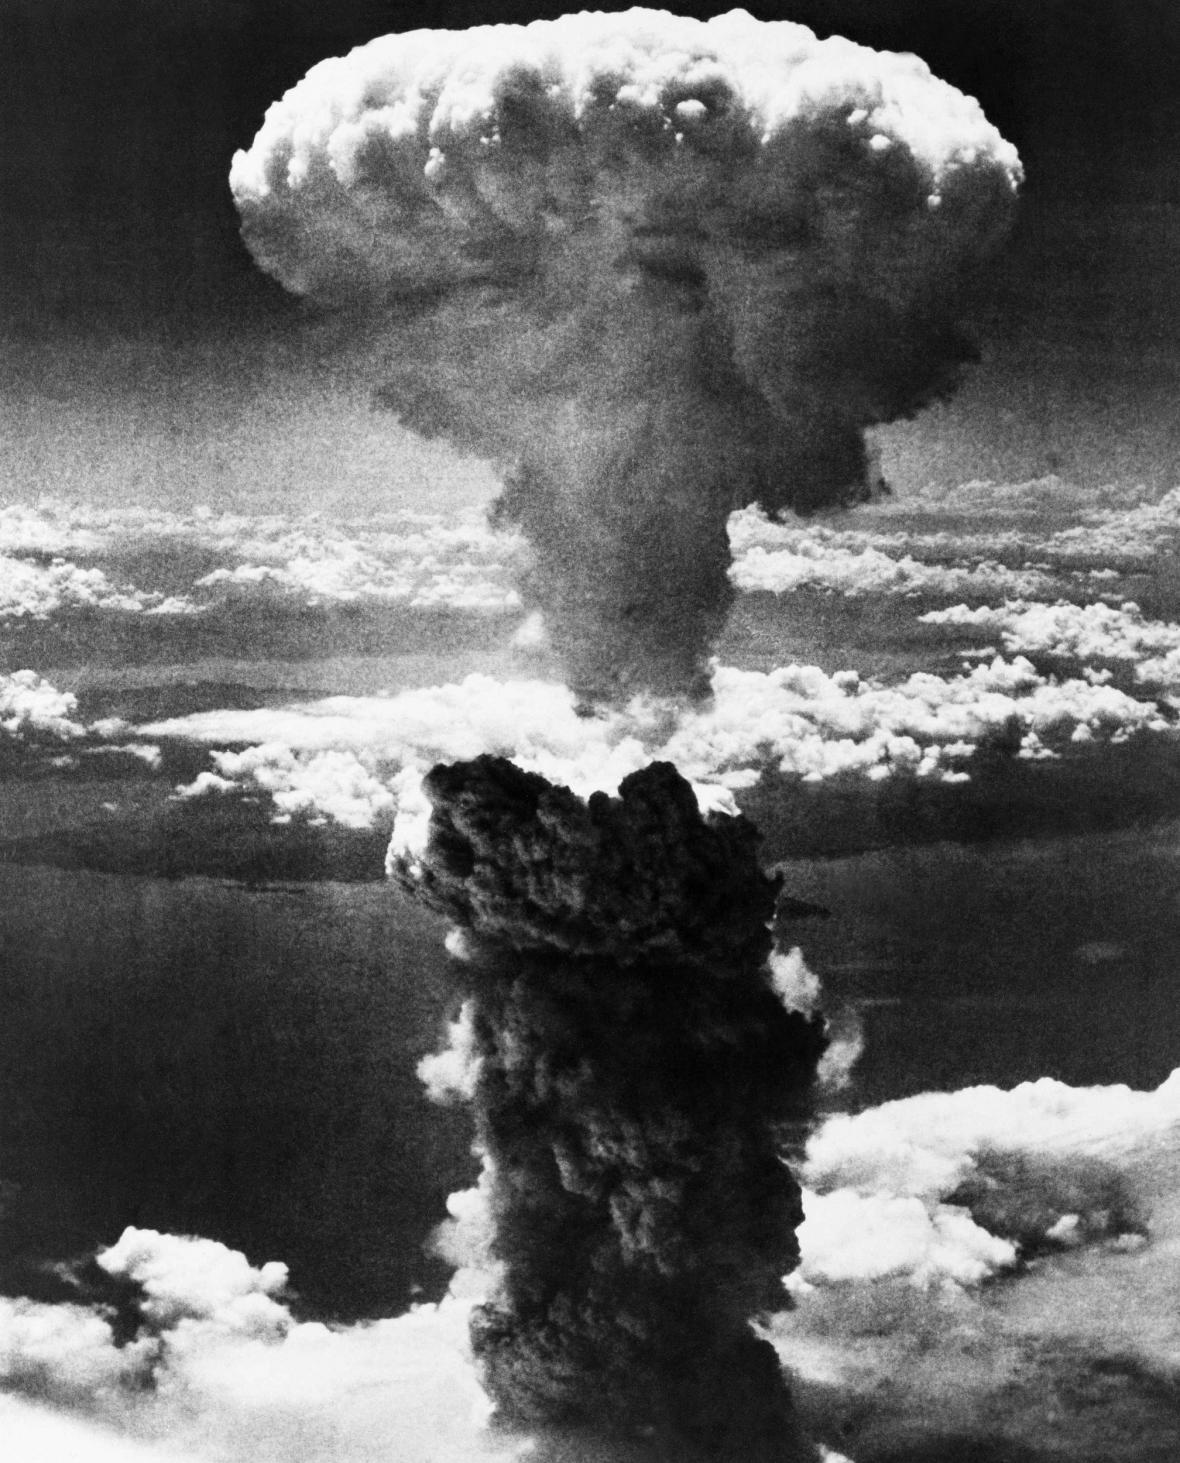 Výbuch v Nagasaki